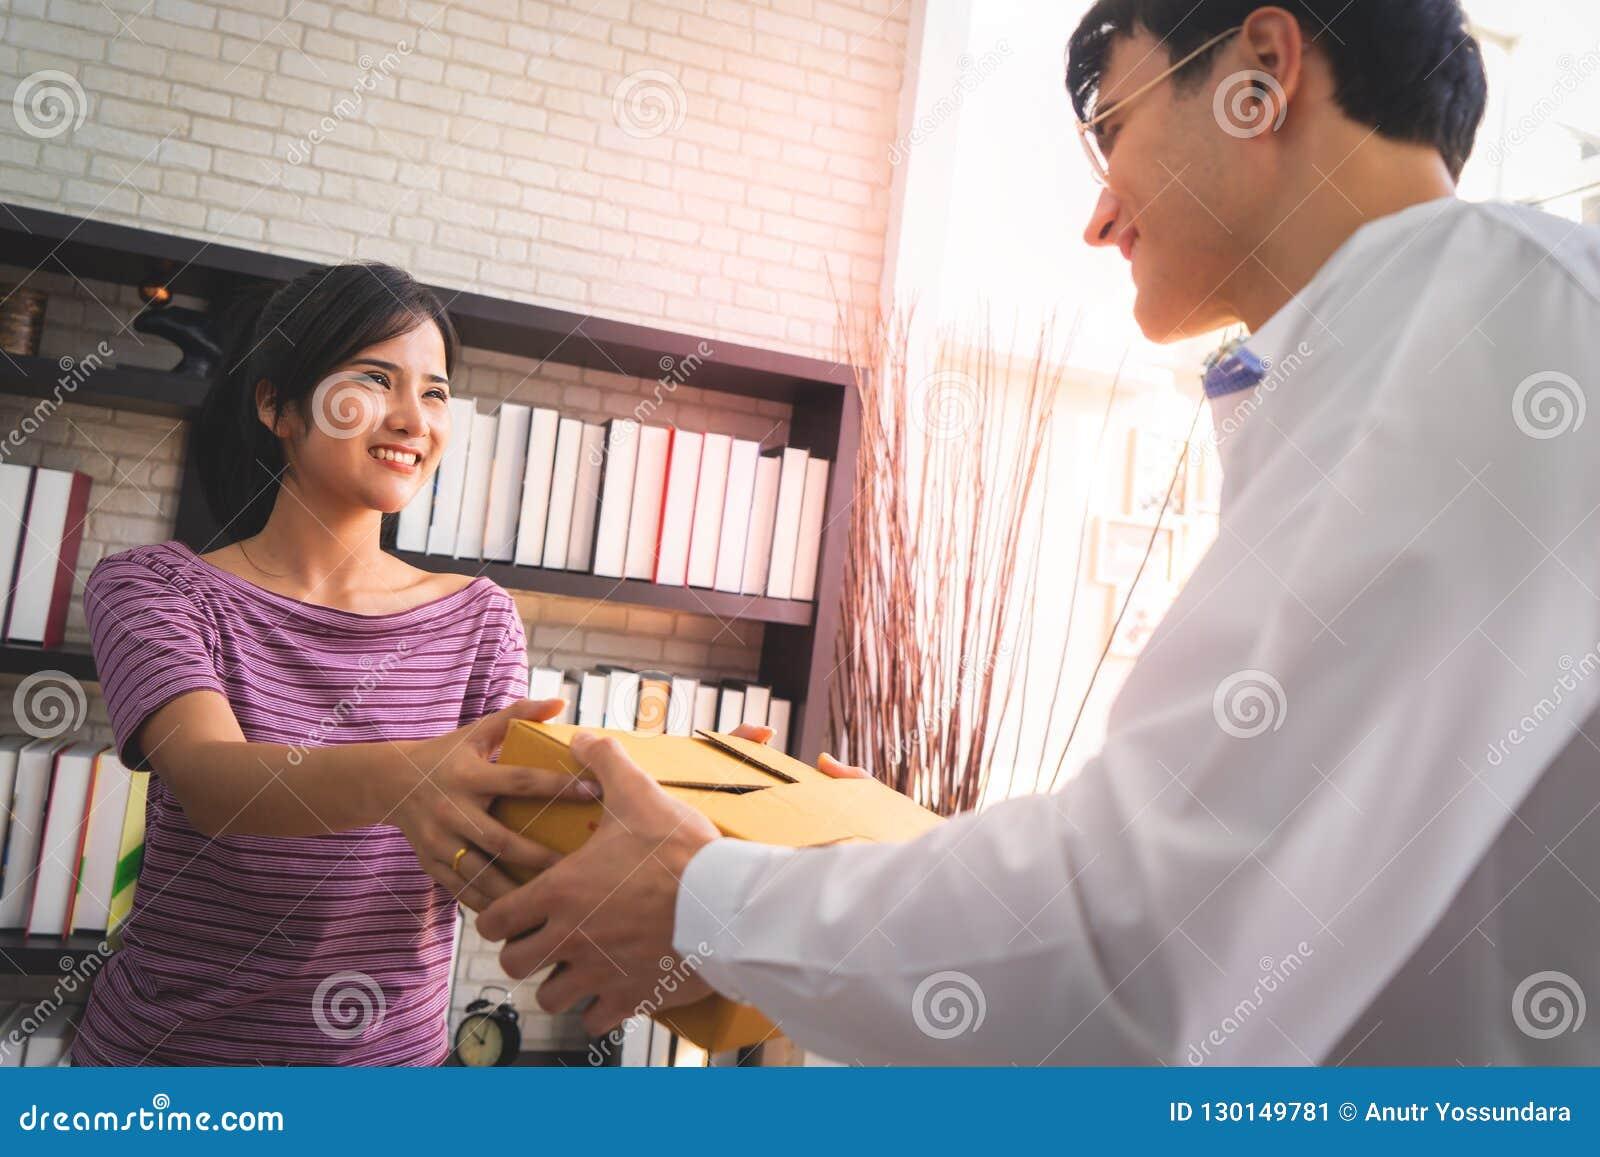 Θηλυκή διαχειριζόμενη συσκευασία εγχώριων ιδιοκτητών επιχείρησης πωλητών στον πελάτη